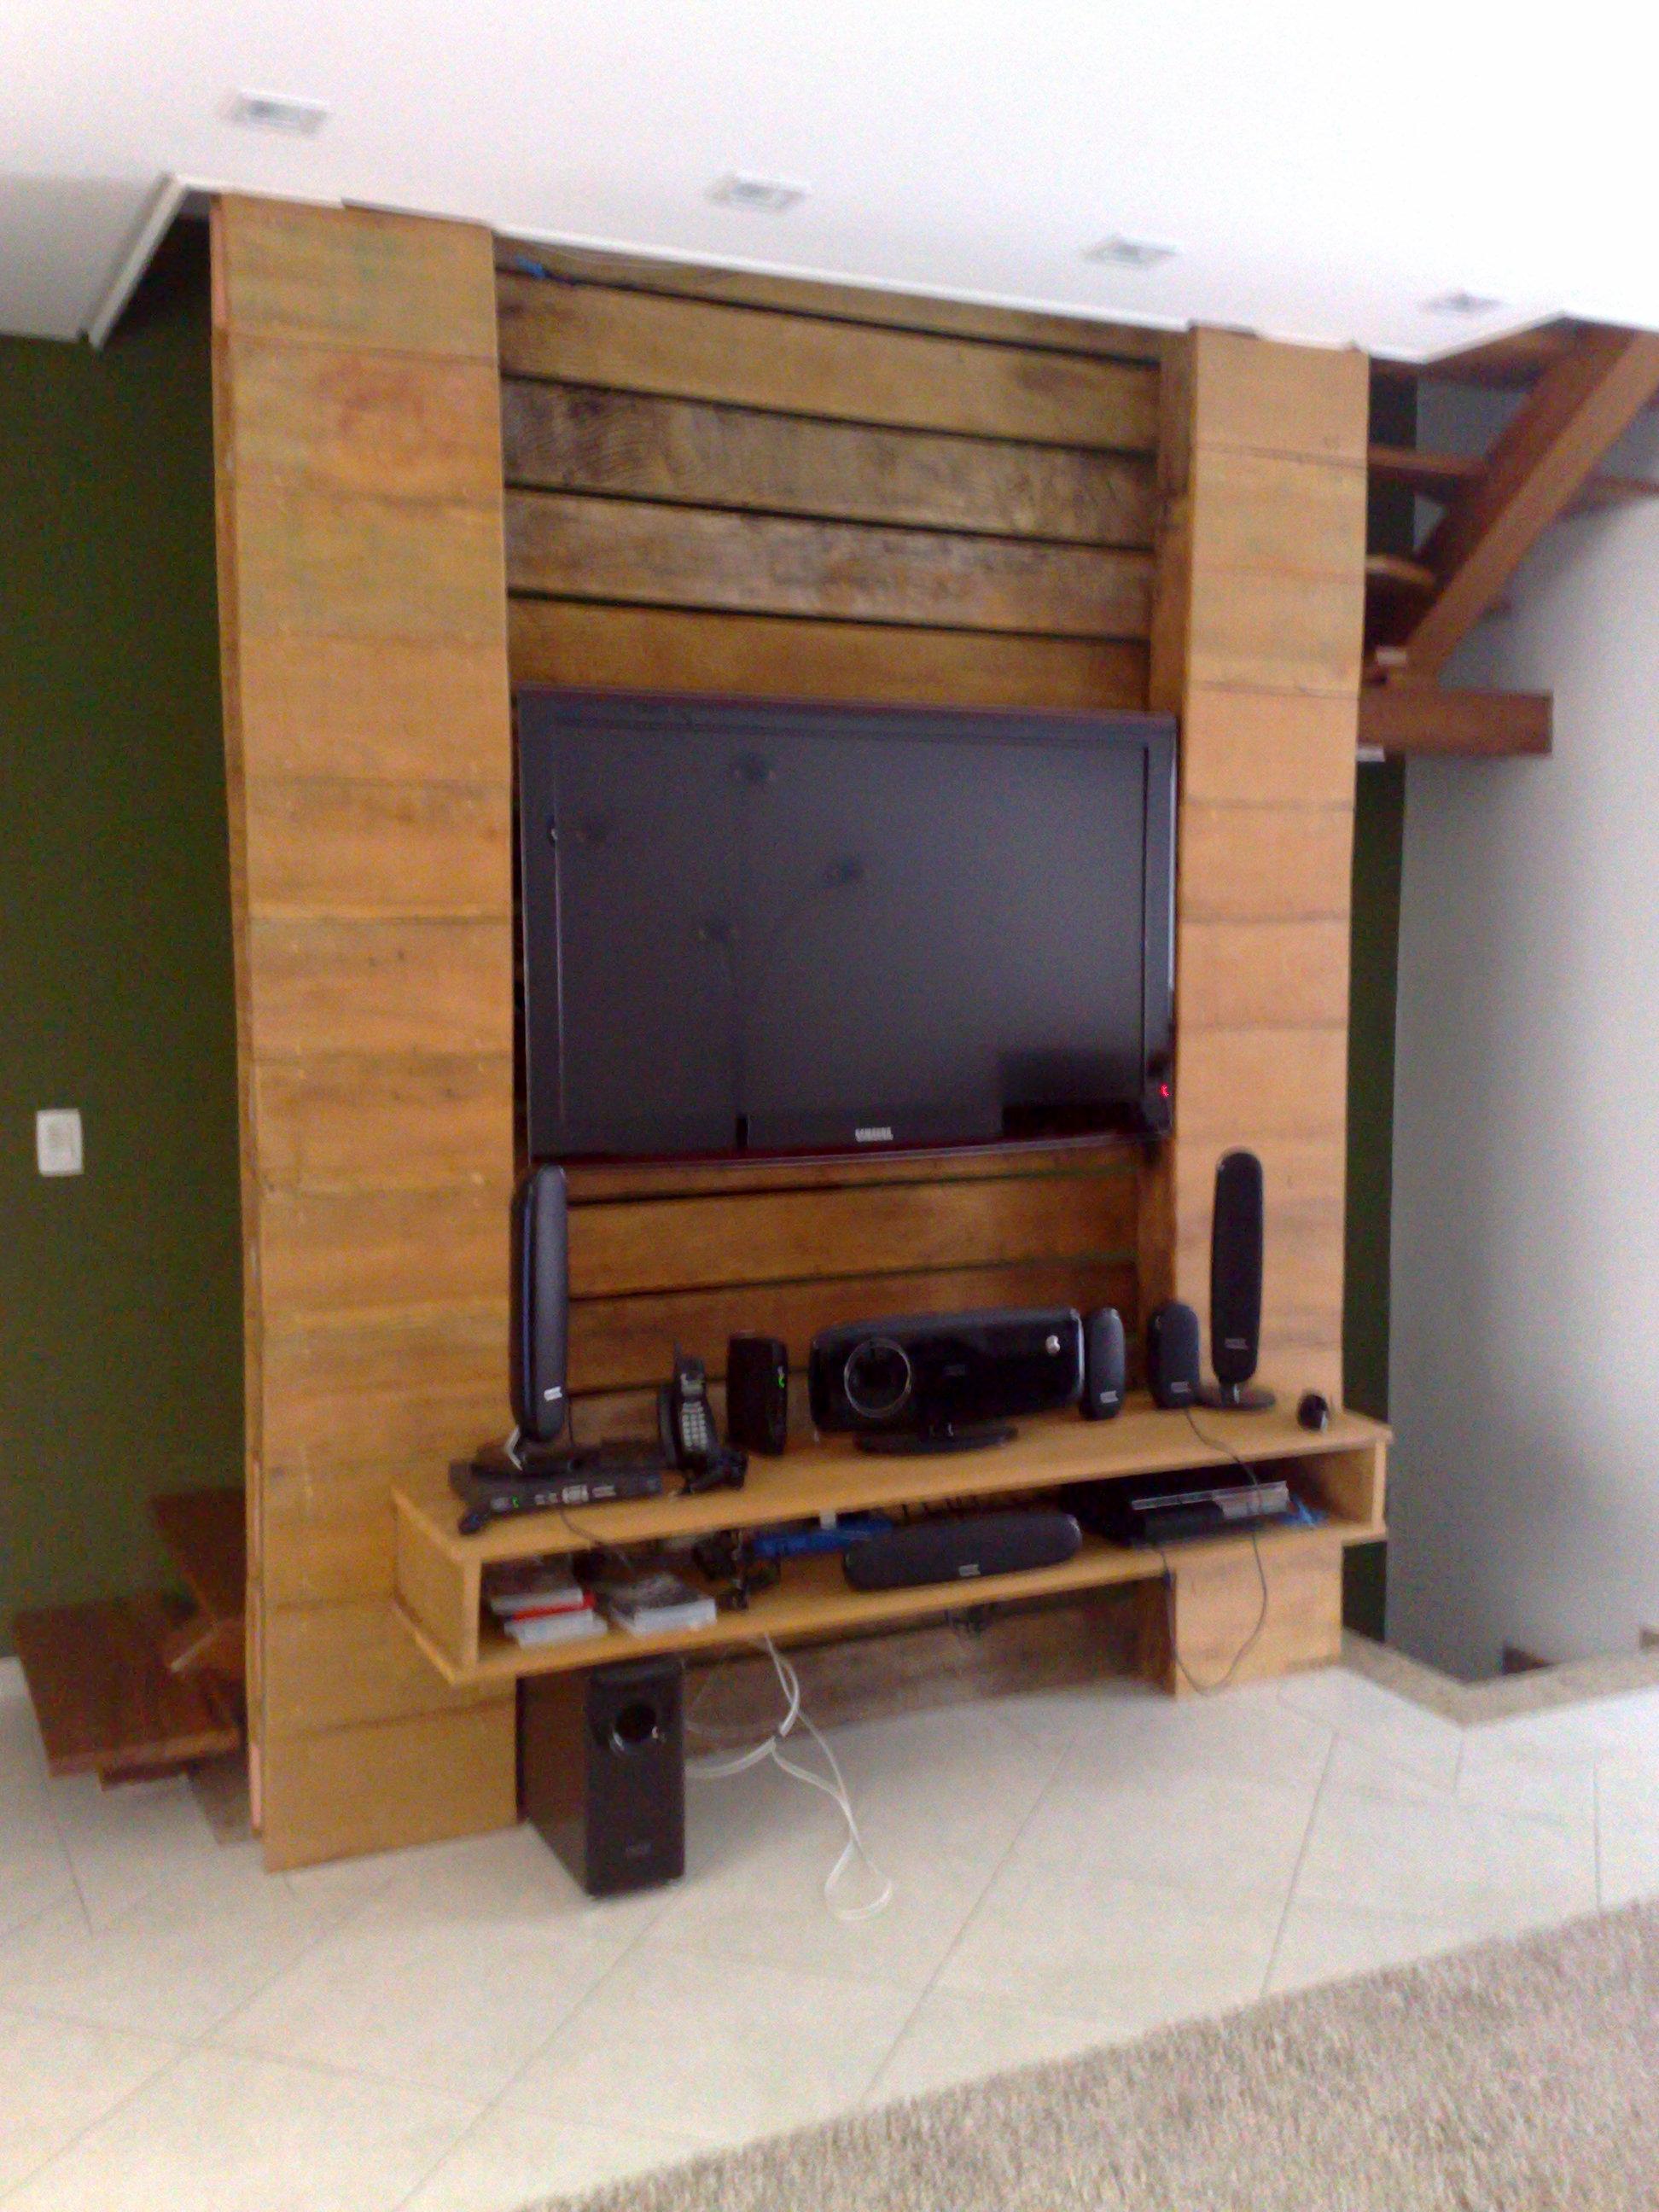 com madeira de demolição – Decoração e Sustentabilidade #90653B 1944 2592